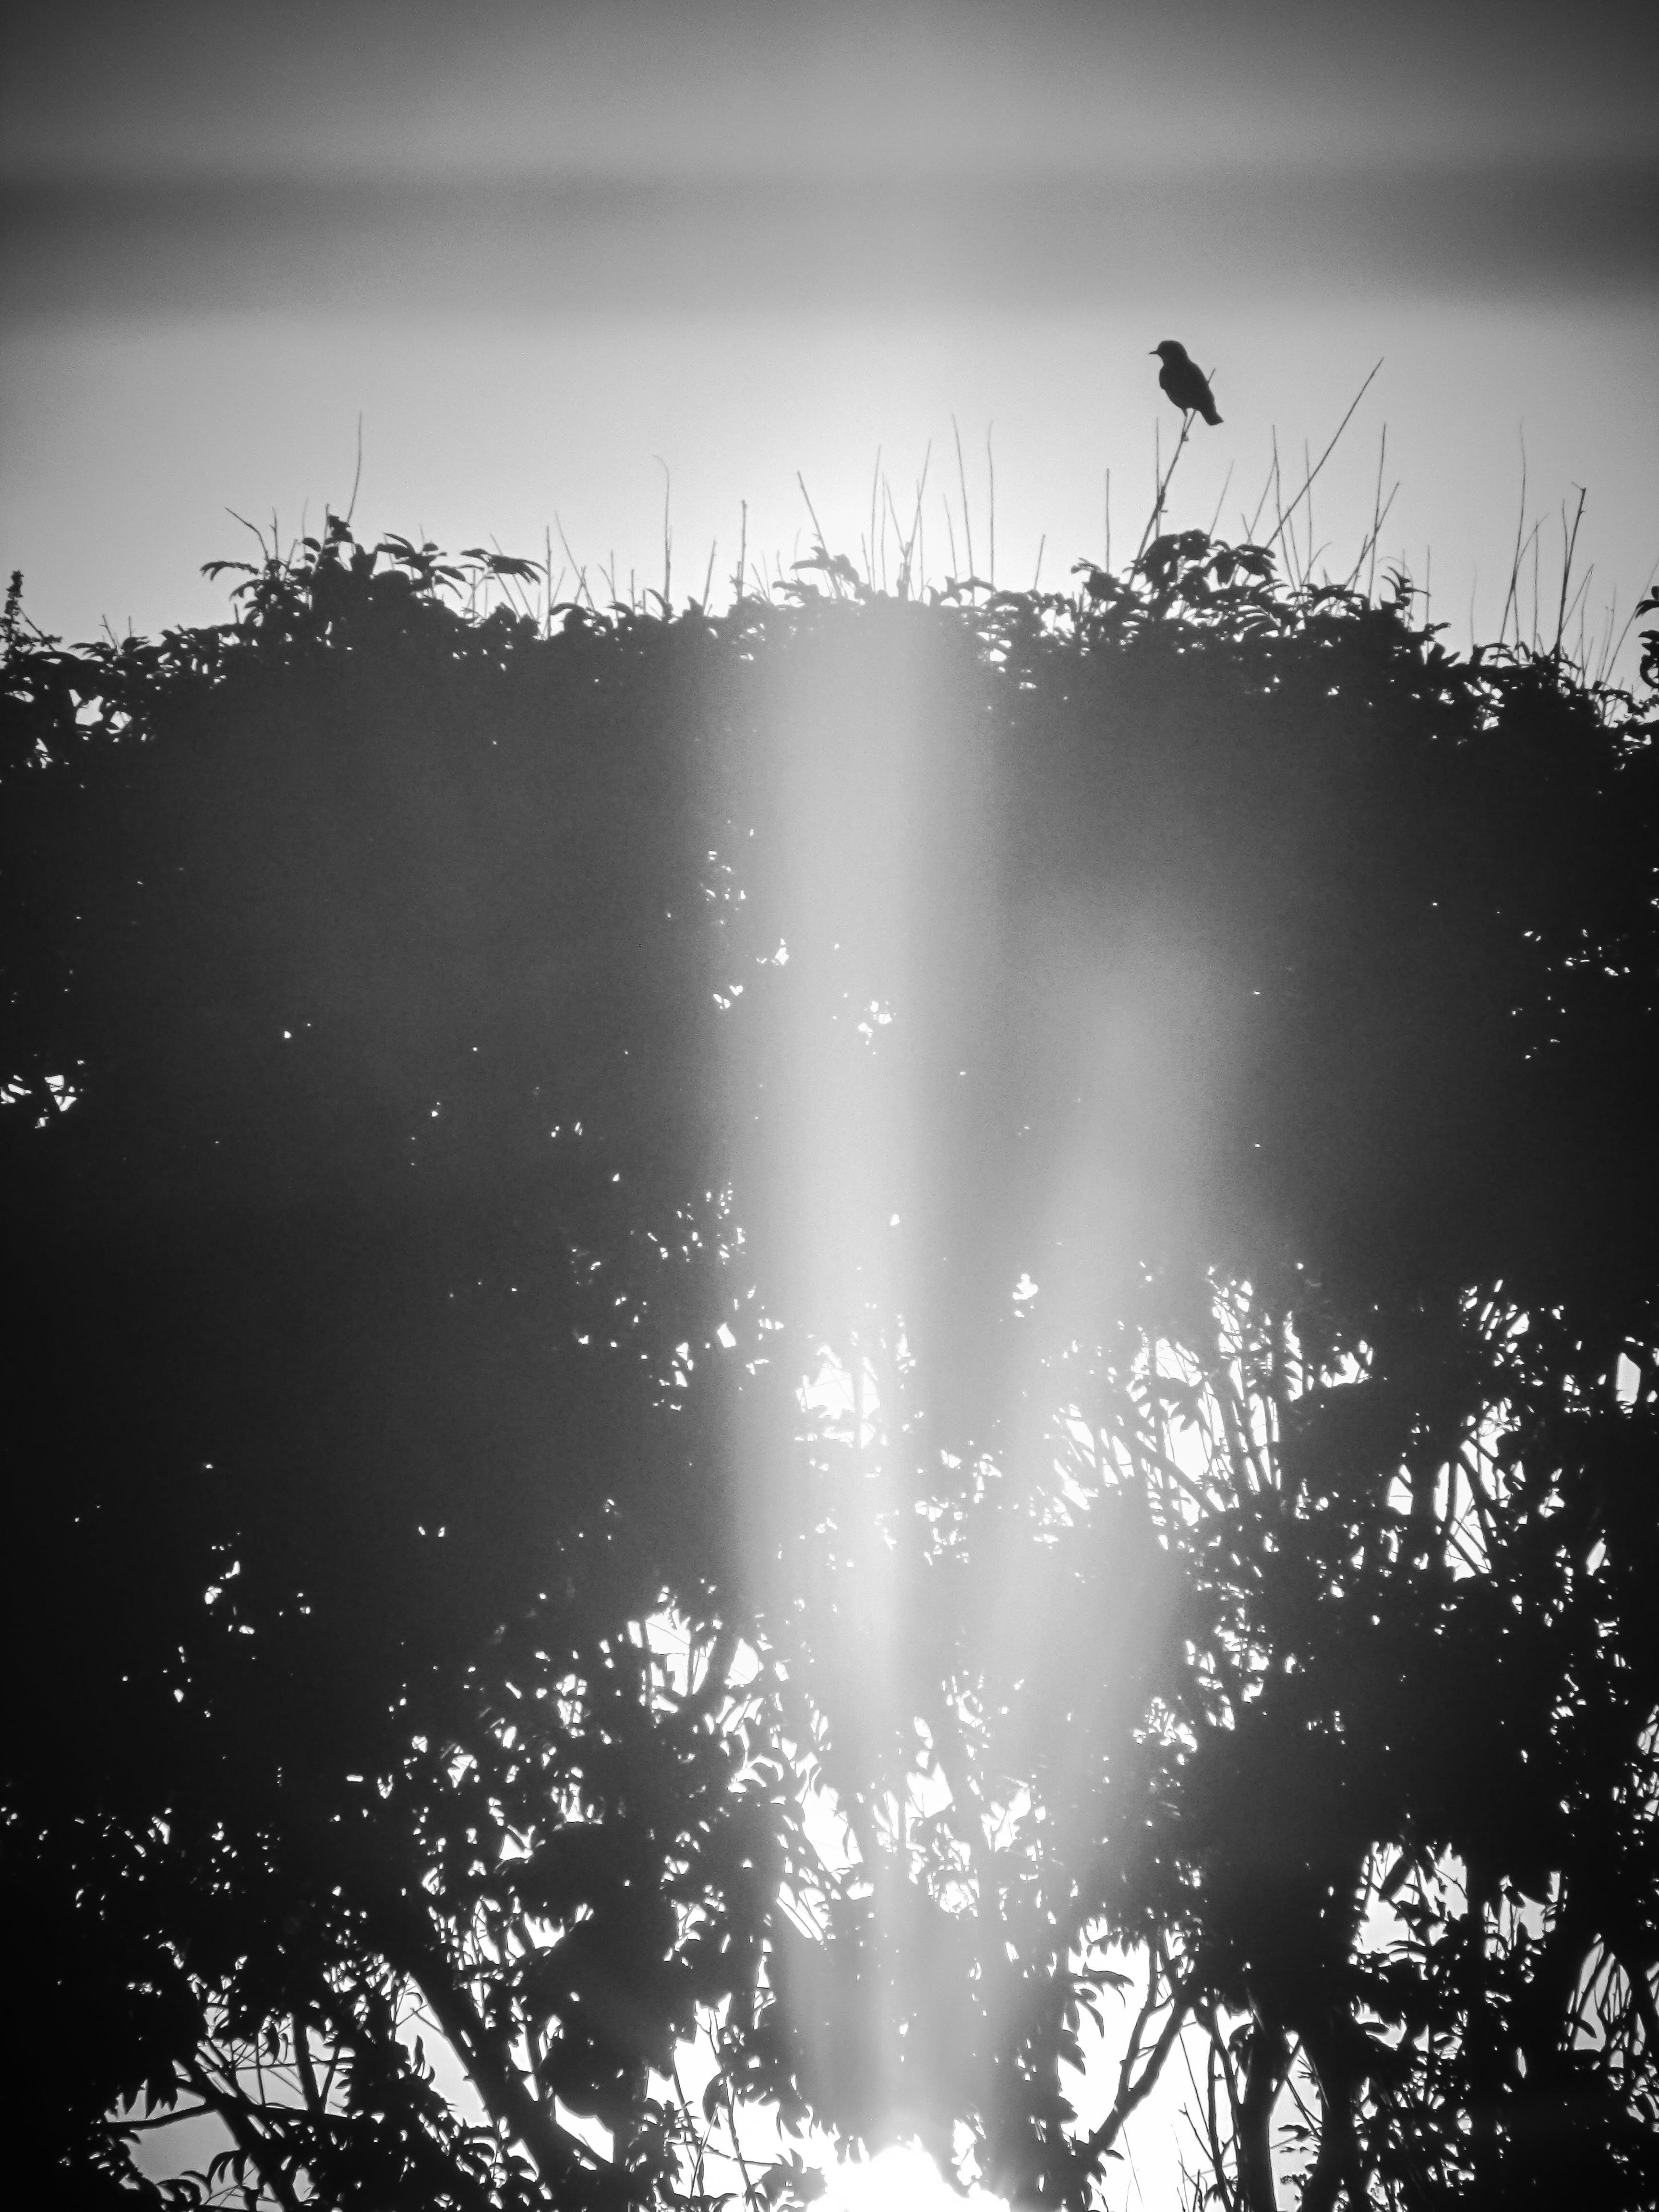 Kostenloses Stock Foto zu #birds, schwarz und weiß, sonnenuntergang